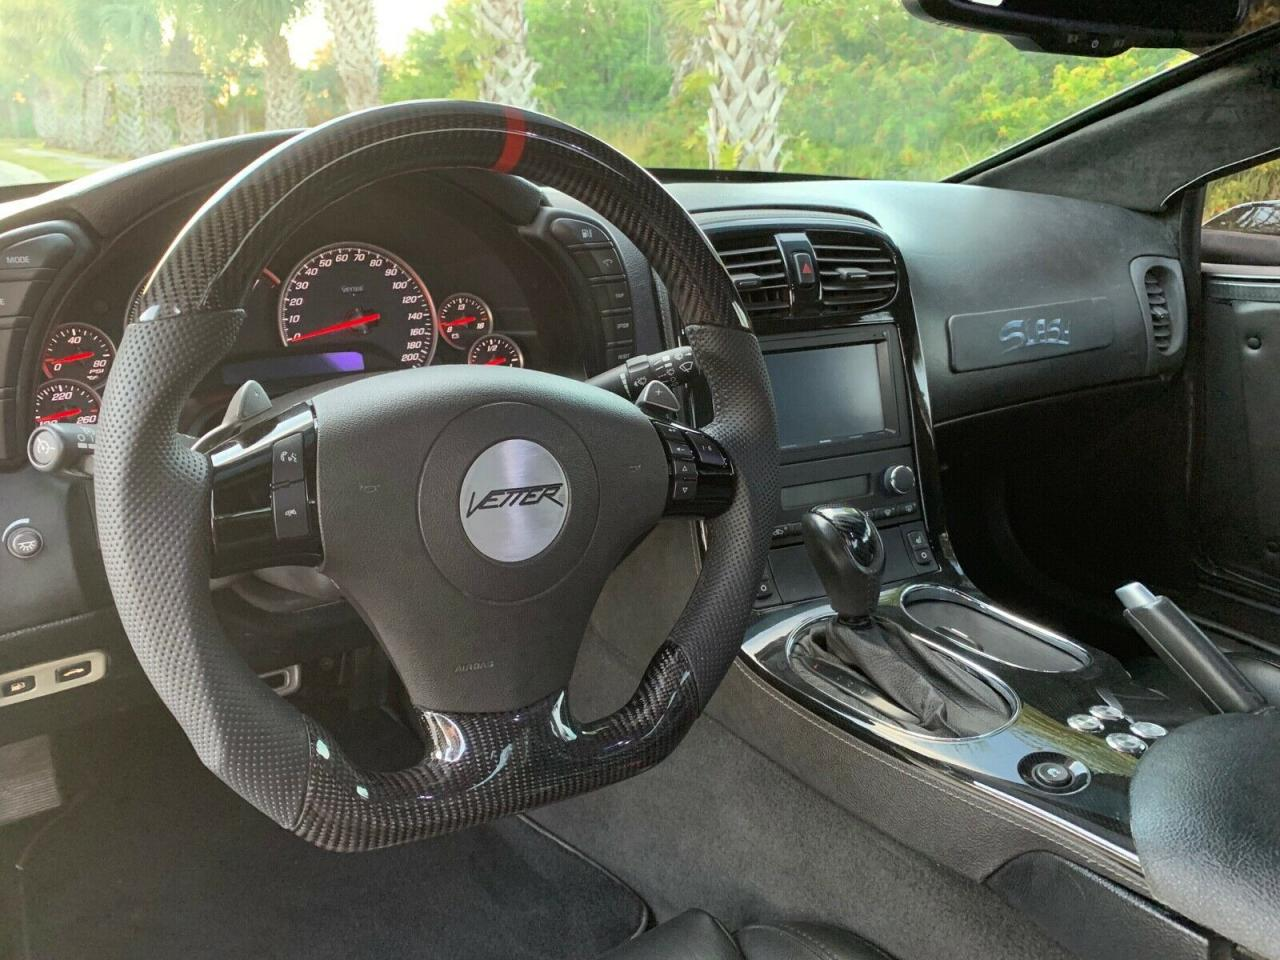 Vetter Chevrolet Corvette C6 Batmobile